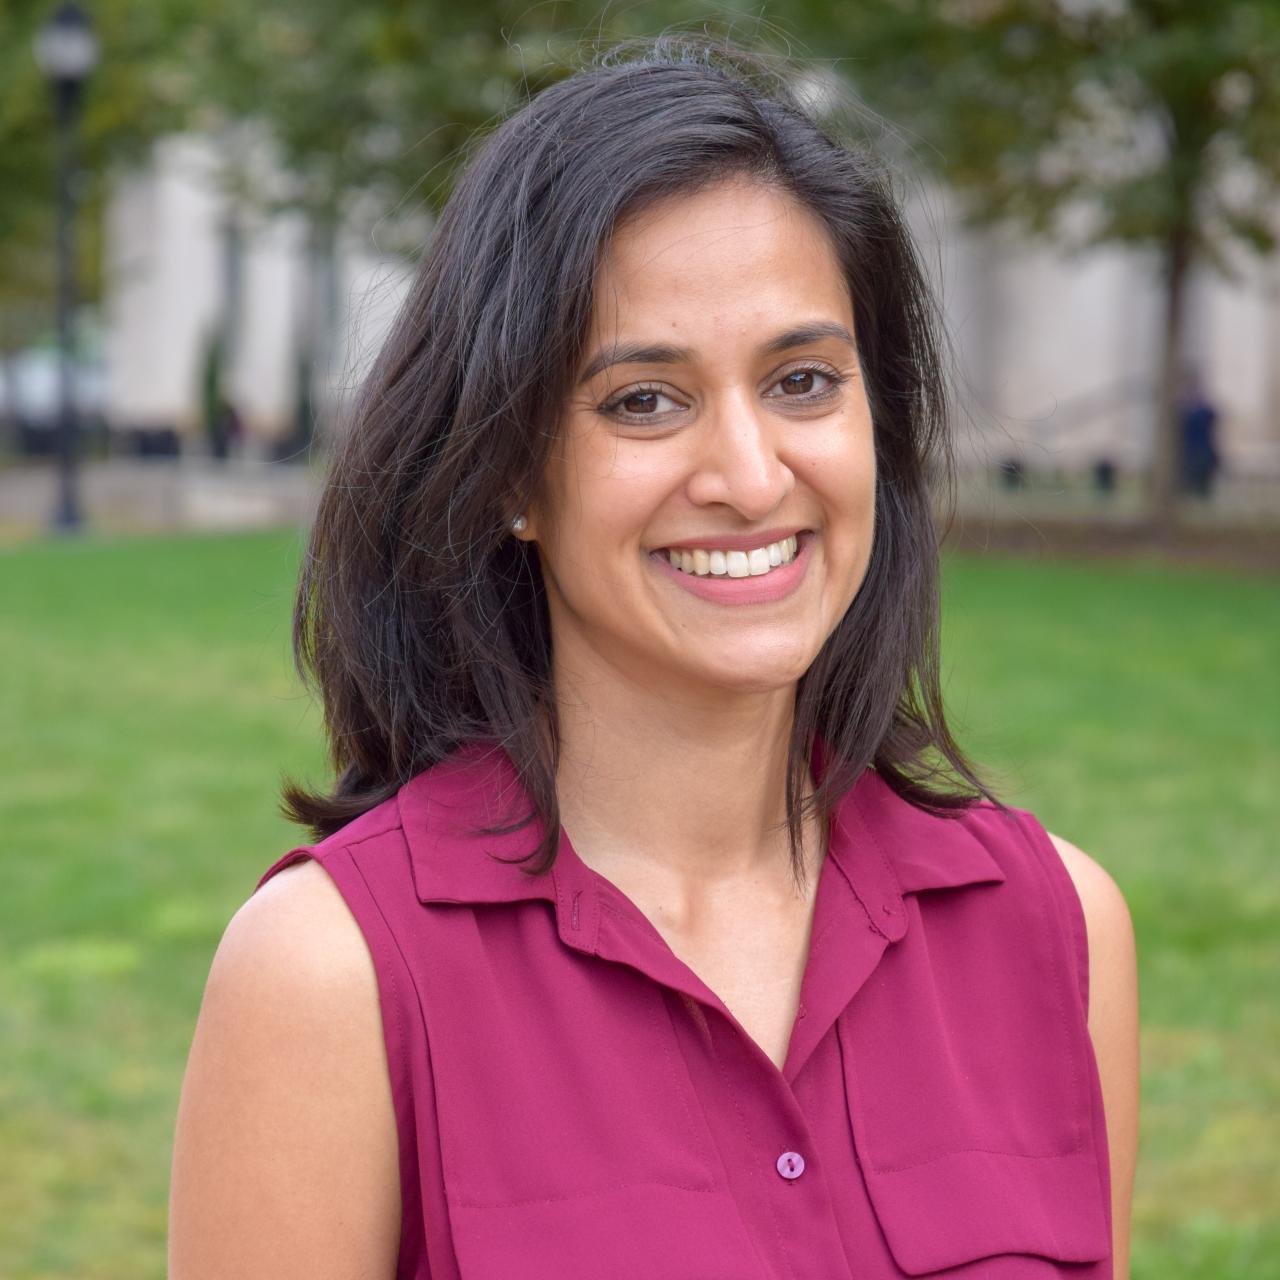 Kriti Jain Photo